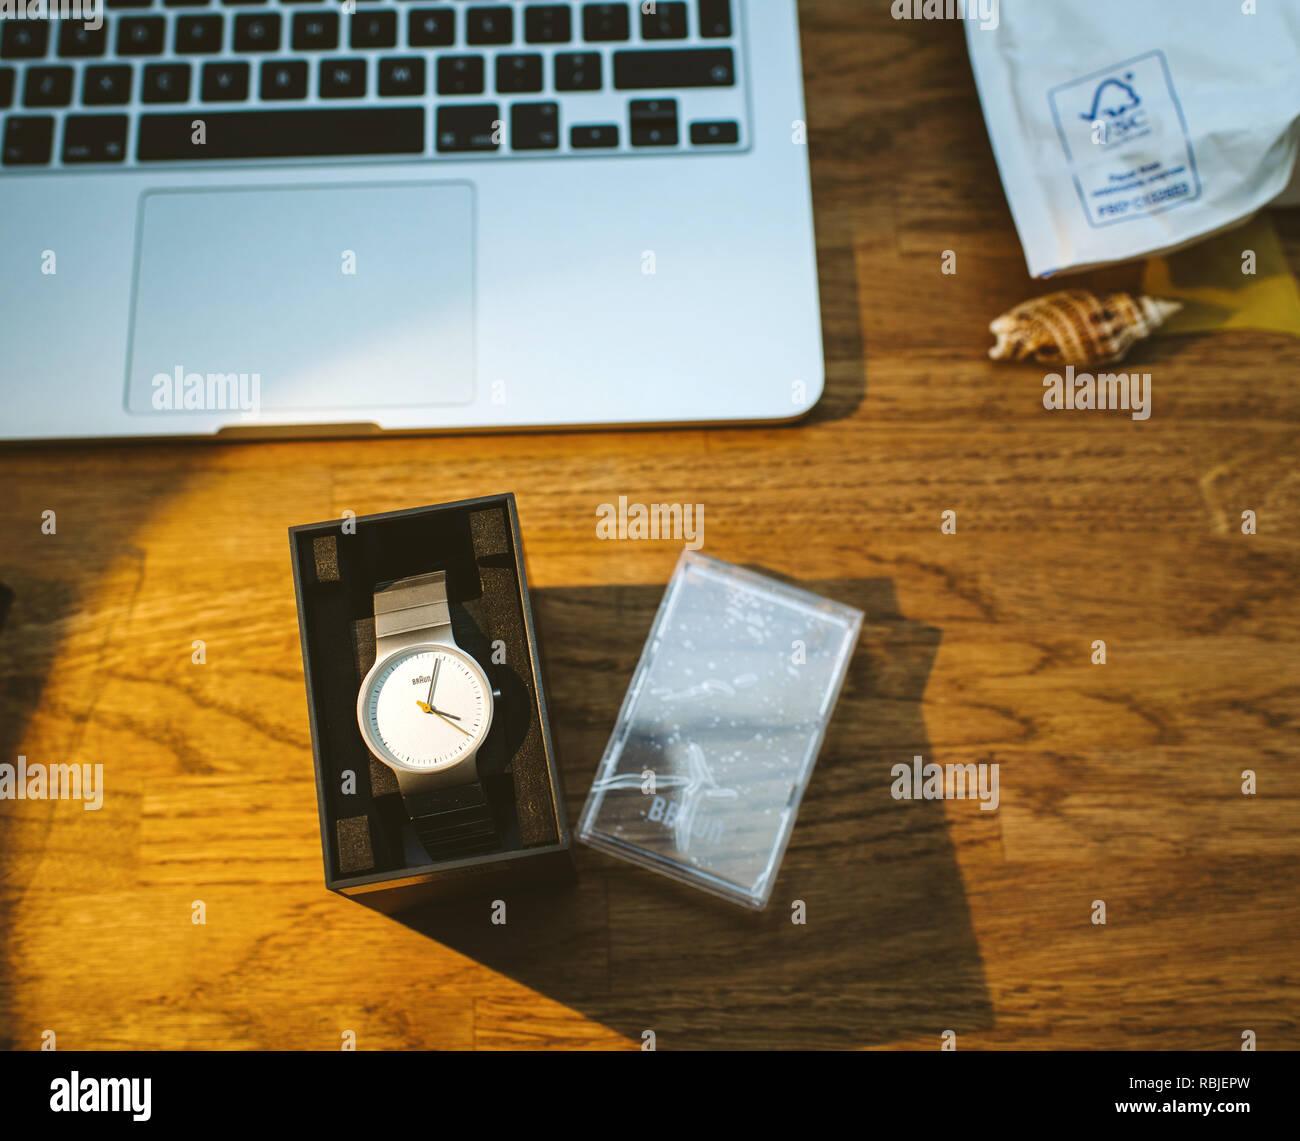 PARIS, FRANCE - Nov 5, 2017: unboxing nouveau Braun German watch réveil sur table de travail avec ordinateur portable Apple MacBook rétine travailler Photo Stock